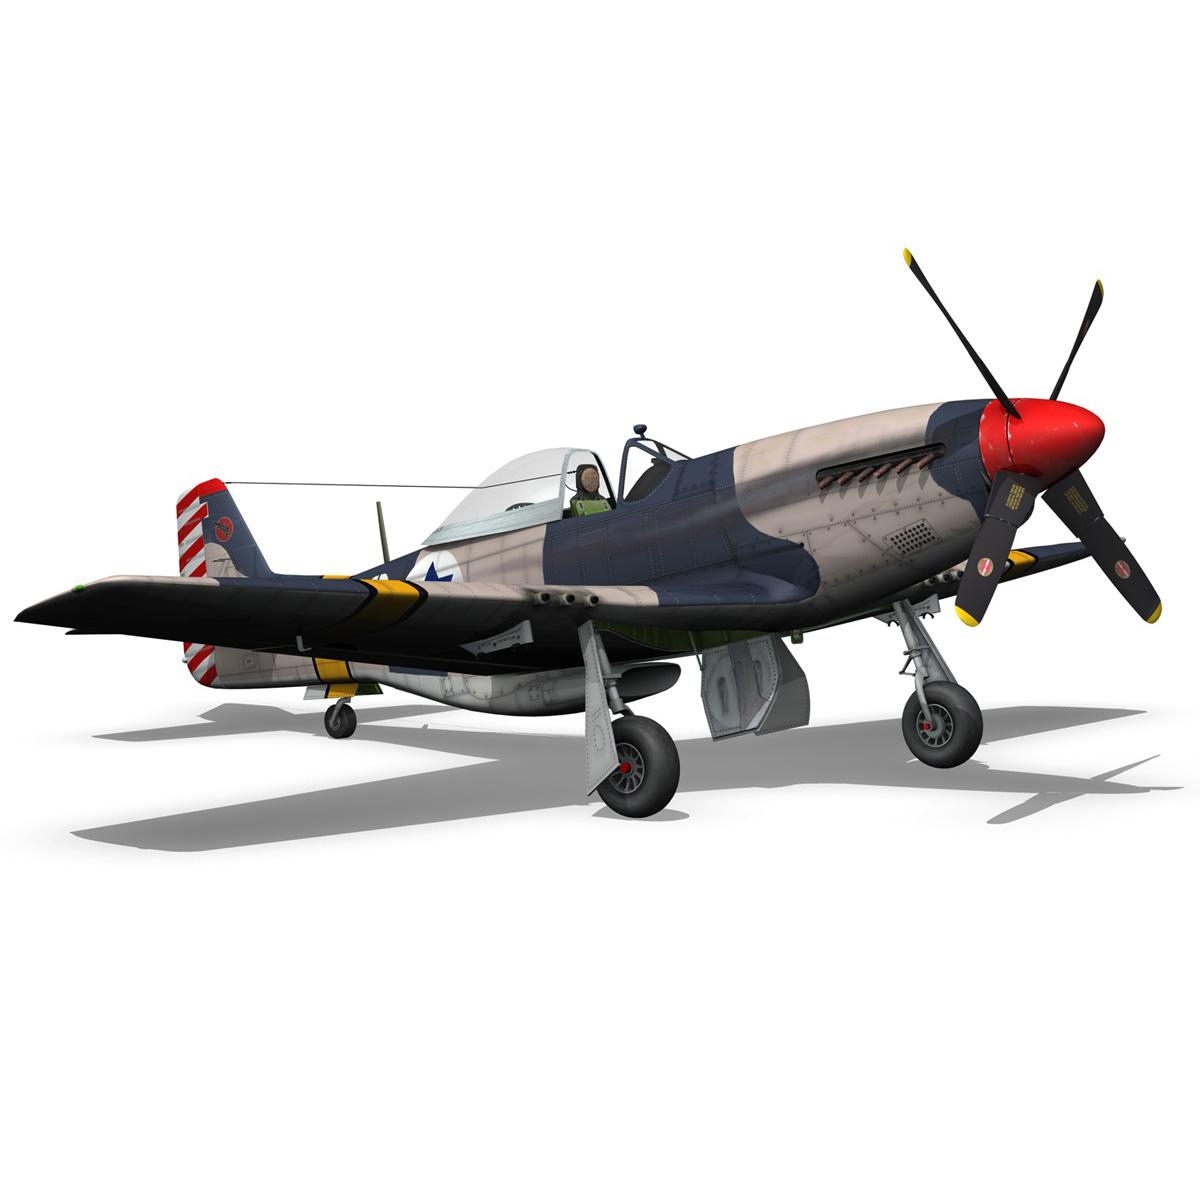 North American P-51D Mustang - IDF 3d model fbx c4d lwo lws lw obj 273320